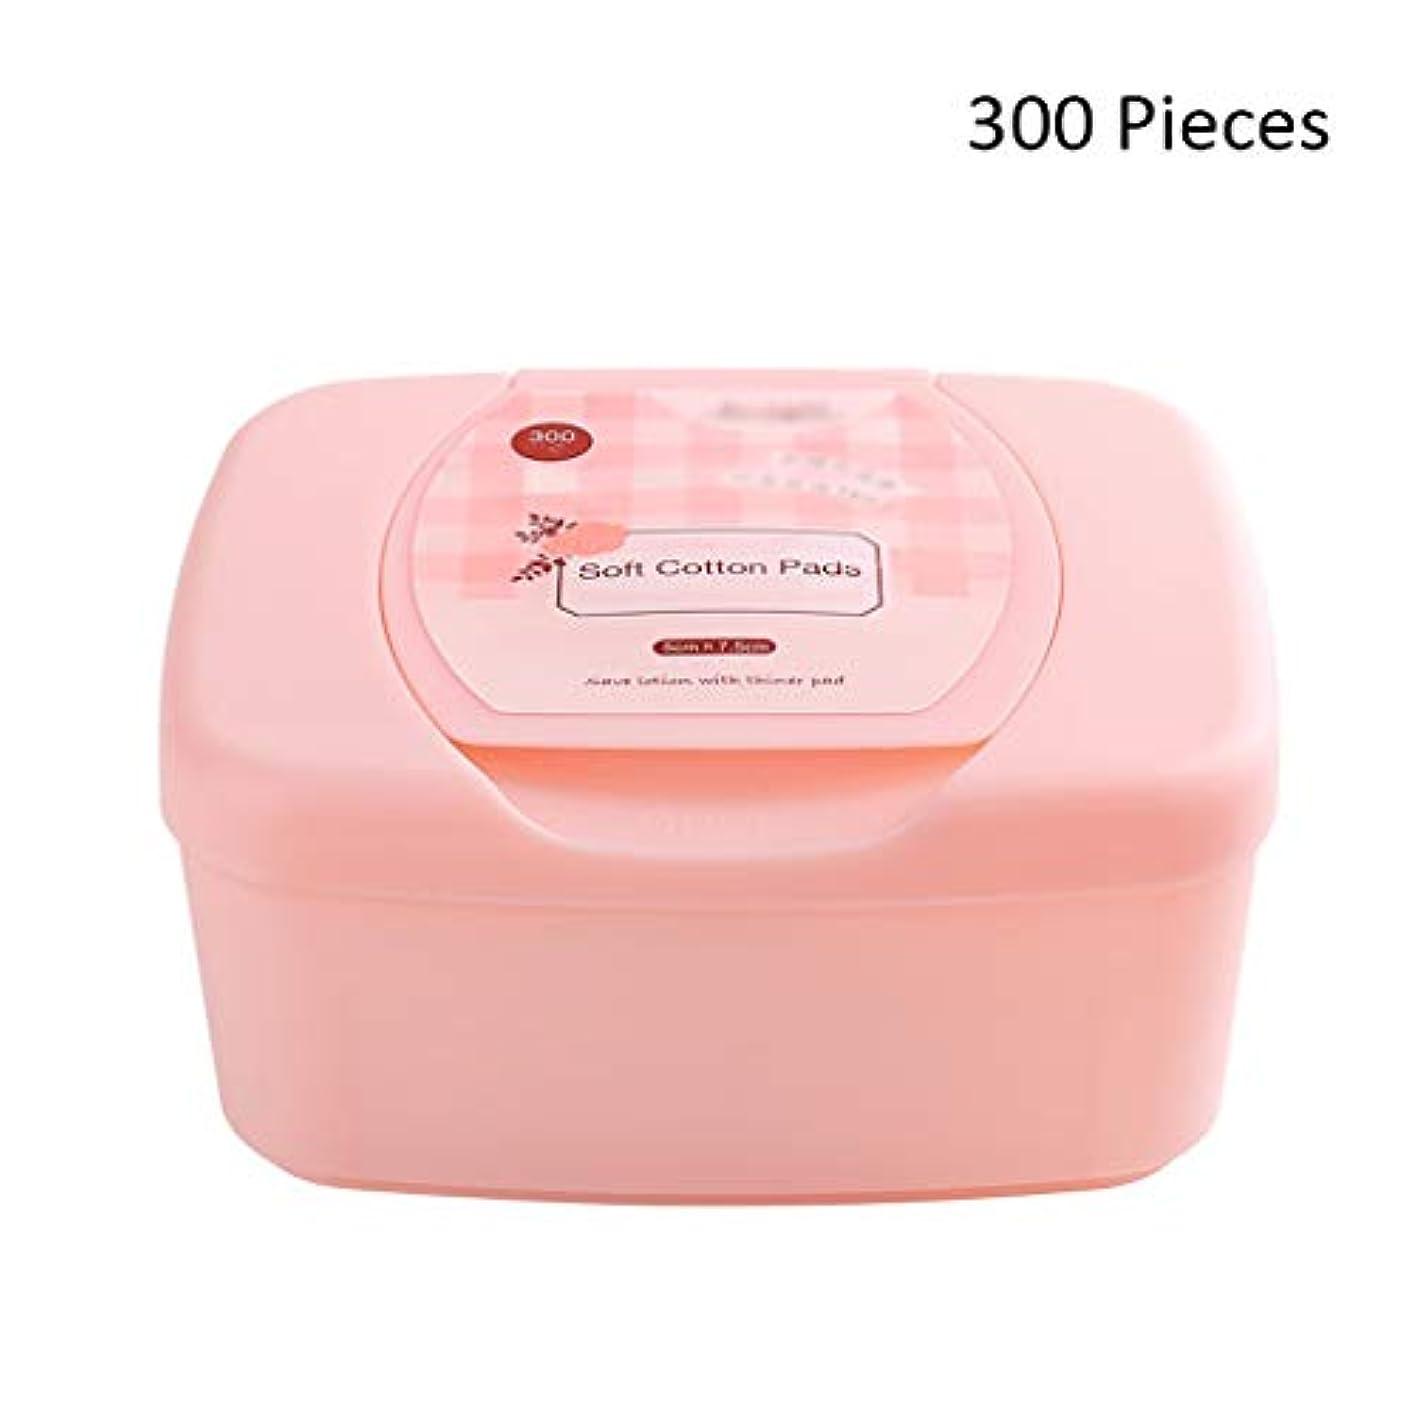 人種薄いです繁栄する300ピース抽出有機フェイスメイク落としソフトメイク落としパッド化粧品フェイスワイプマスクケアクレンジングコットン (Color : Pink, サイズ : 7.5*5cm)